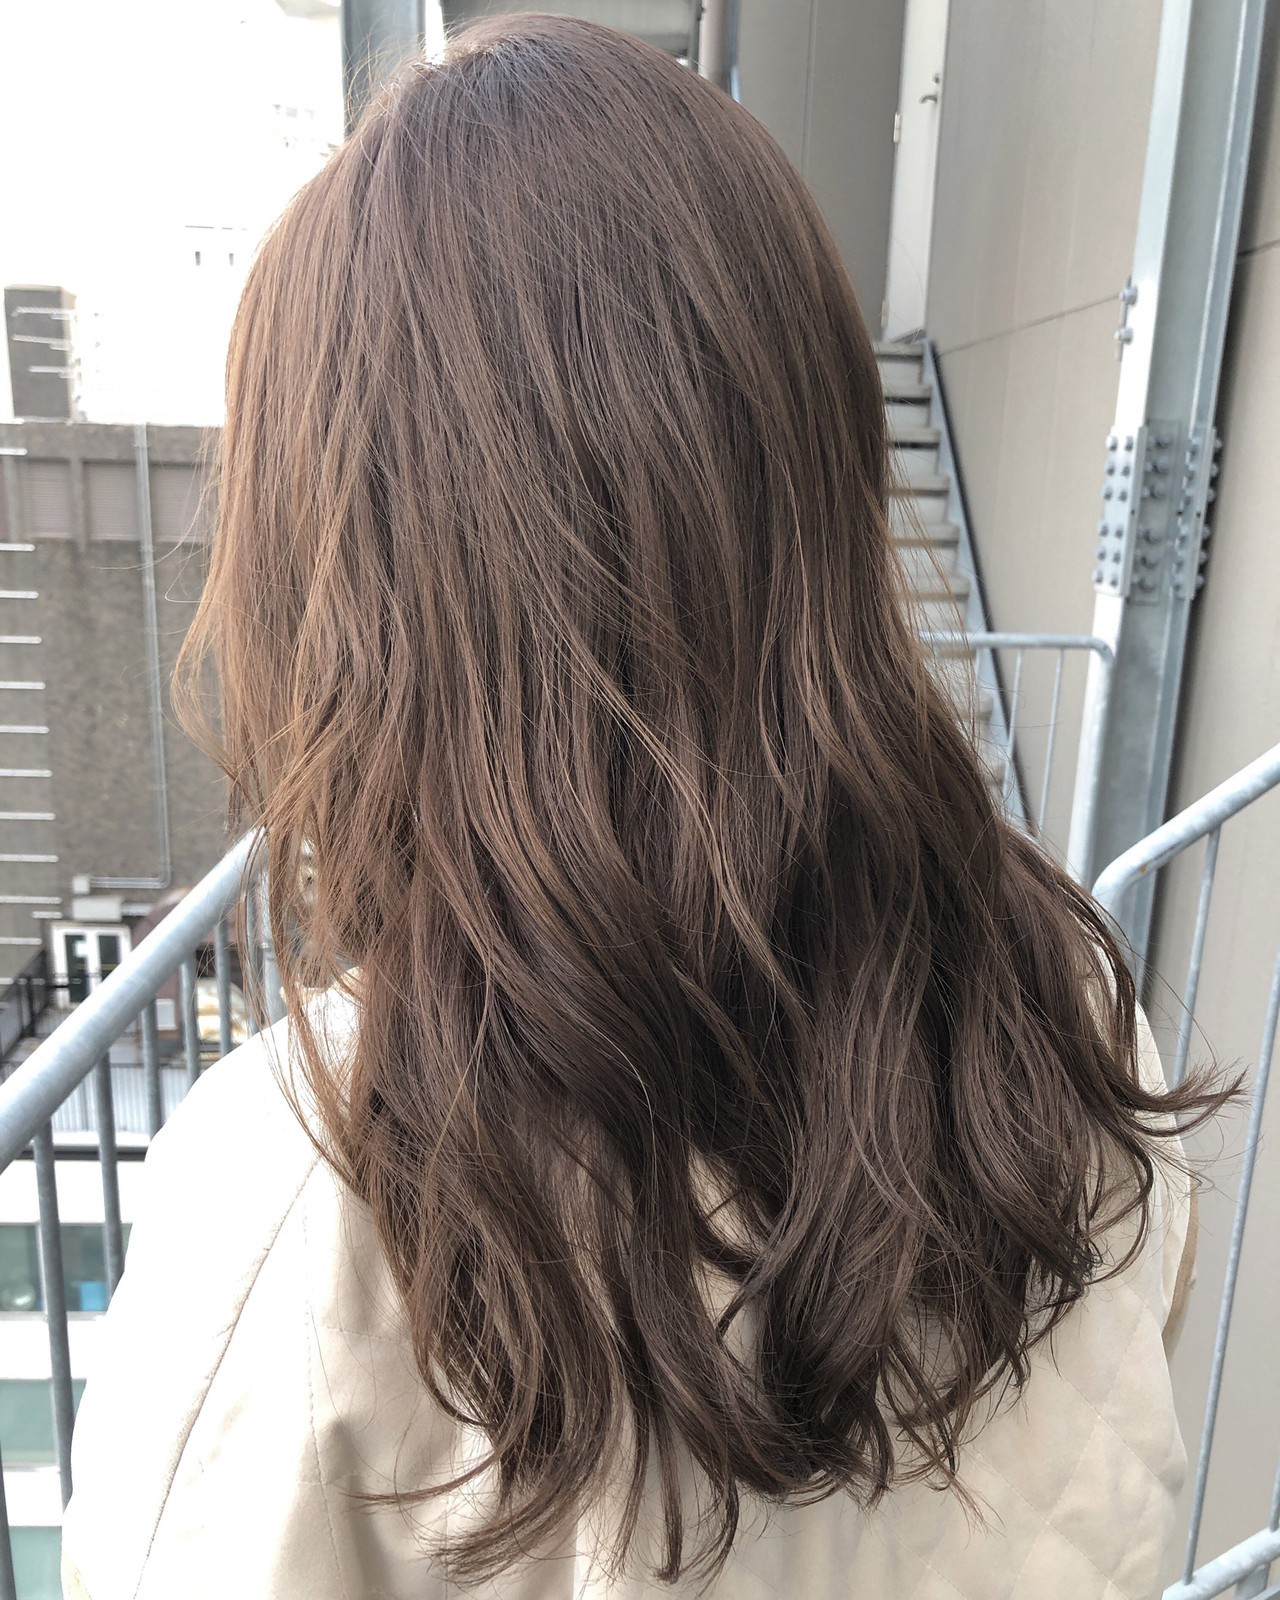 ミルクティーベージュ デート ナチュラル セミロング ヘアスタイルや髪型の写真・画像 | 坂本圭太朗 / bado